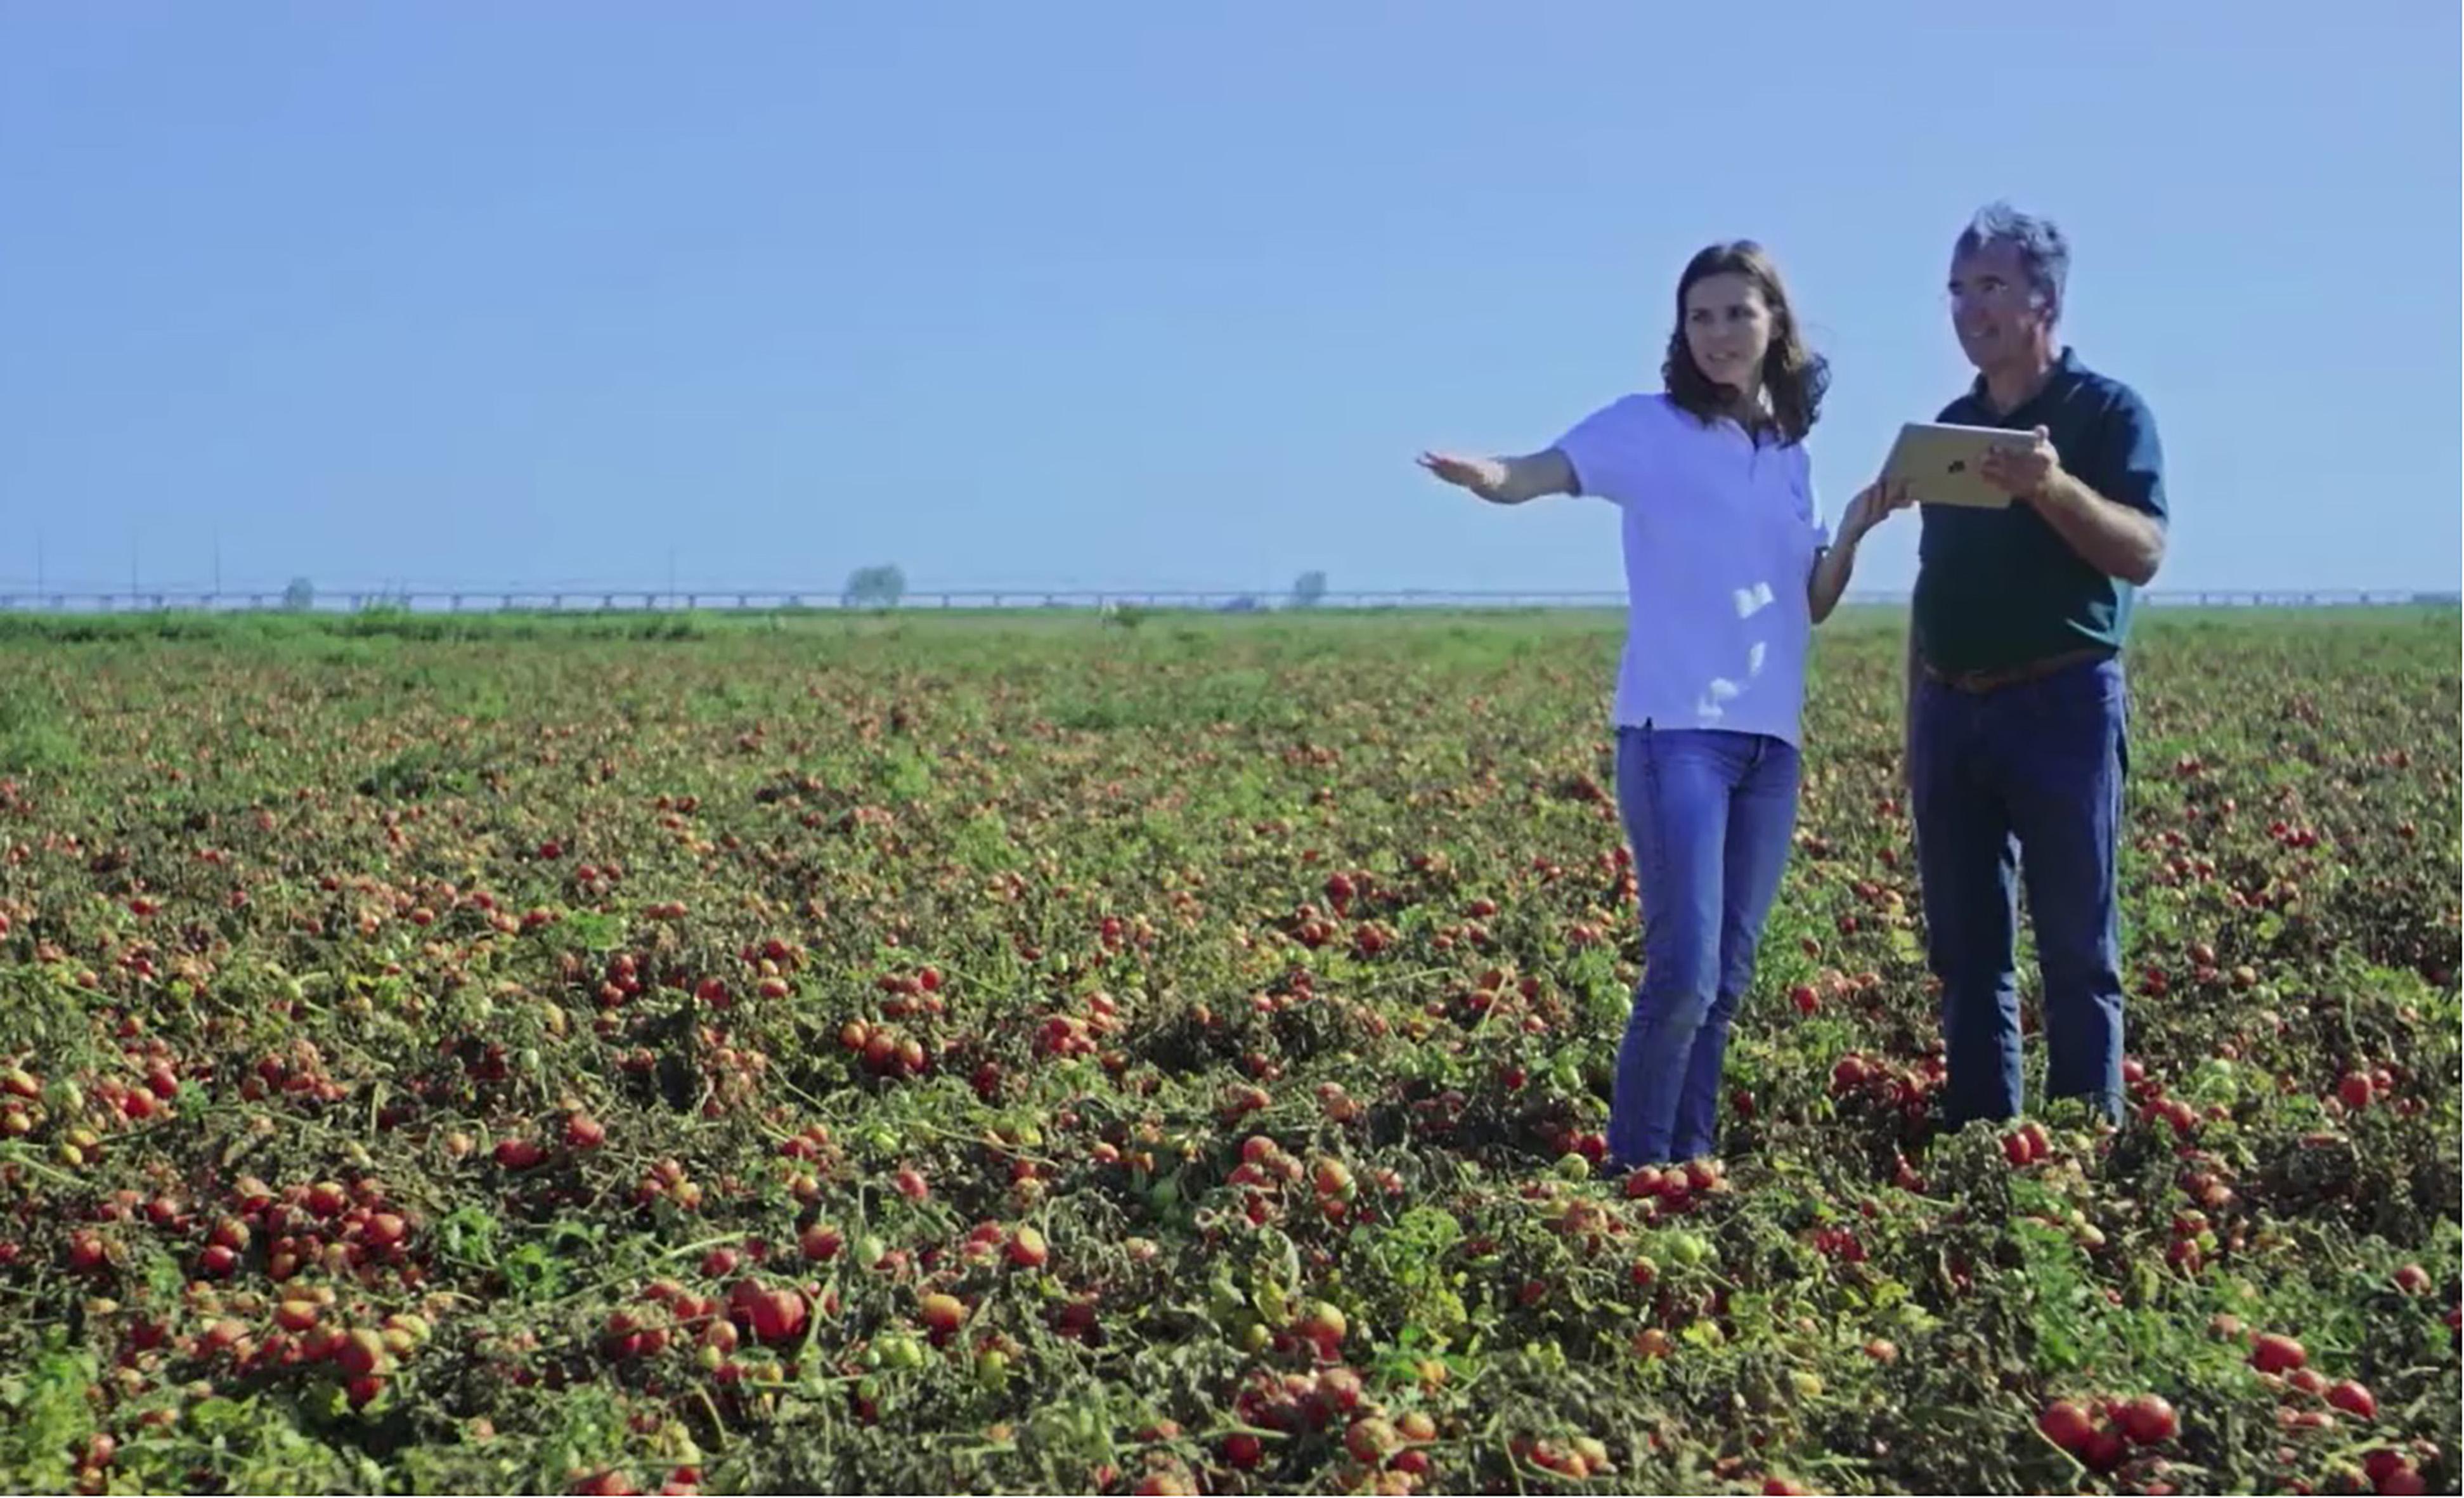 トマトの営農支援にAIを活用 カゴメとNECが欧州で新事業